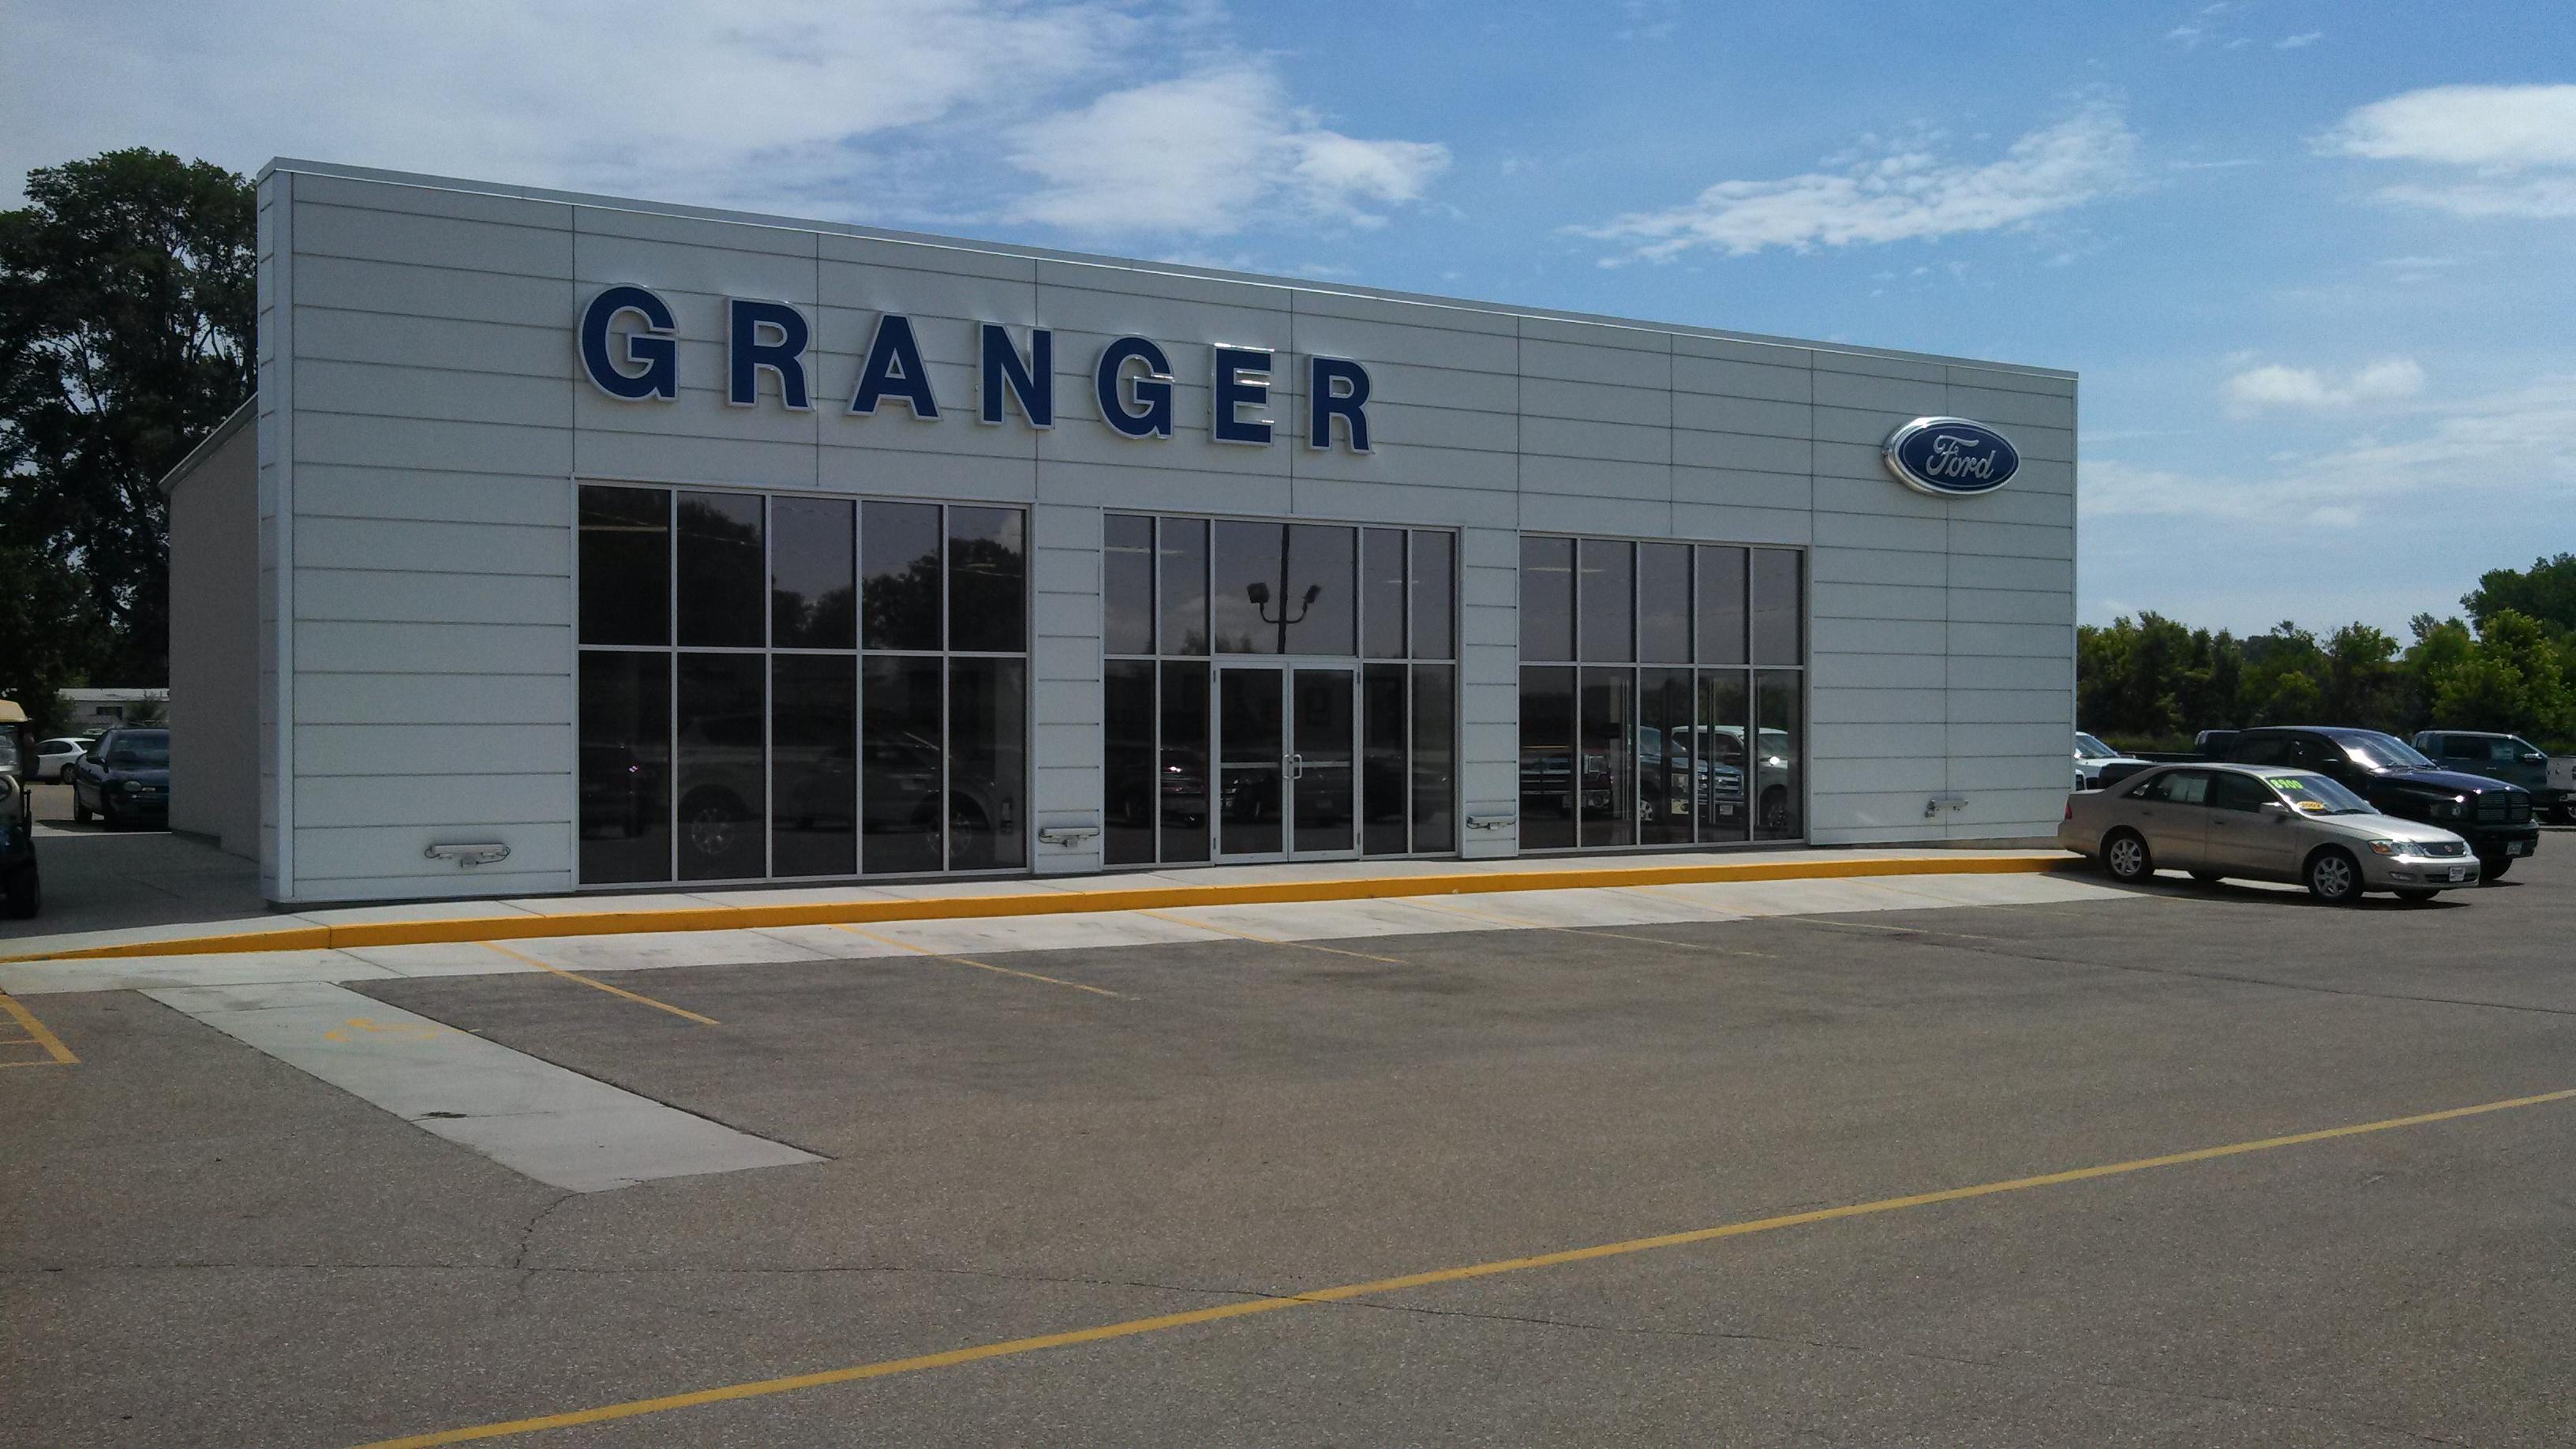 Granger motors in granger ia 50109 for Granger motors granger iowa